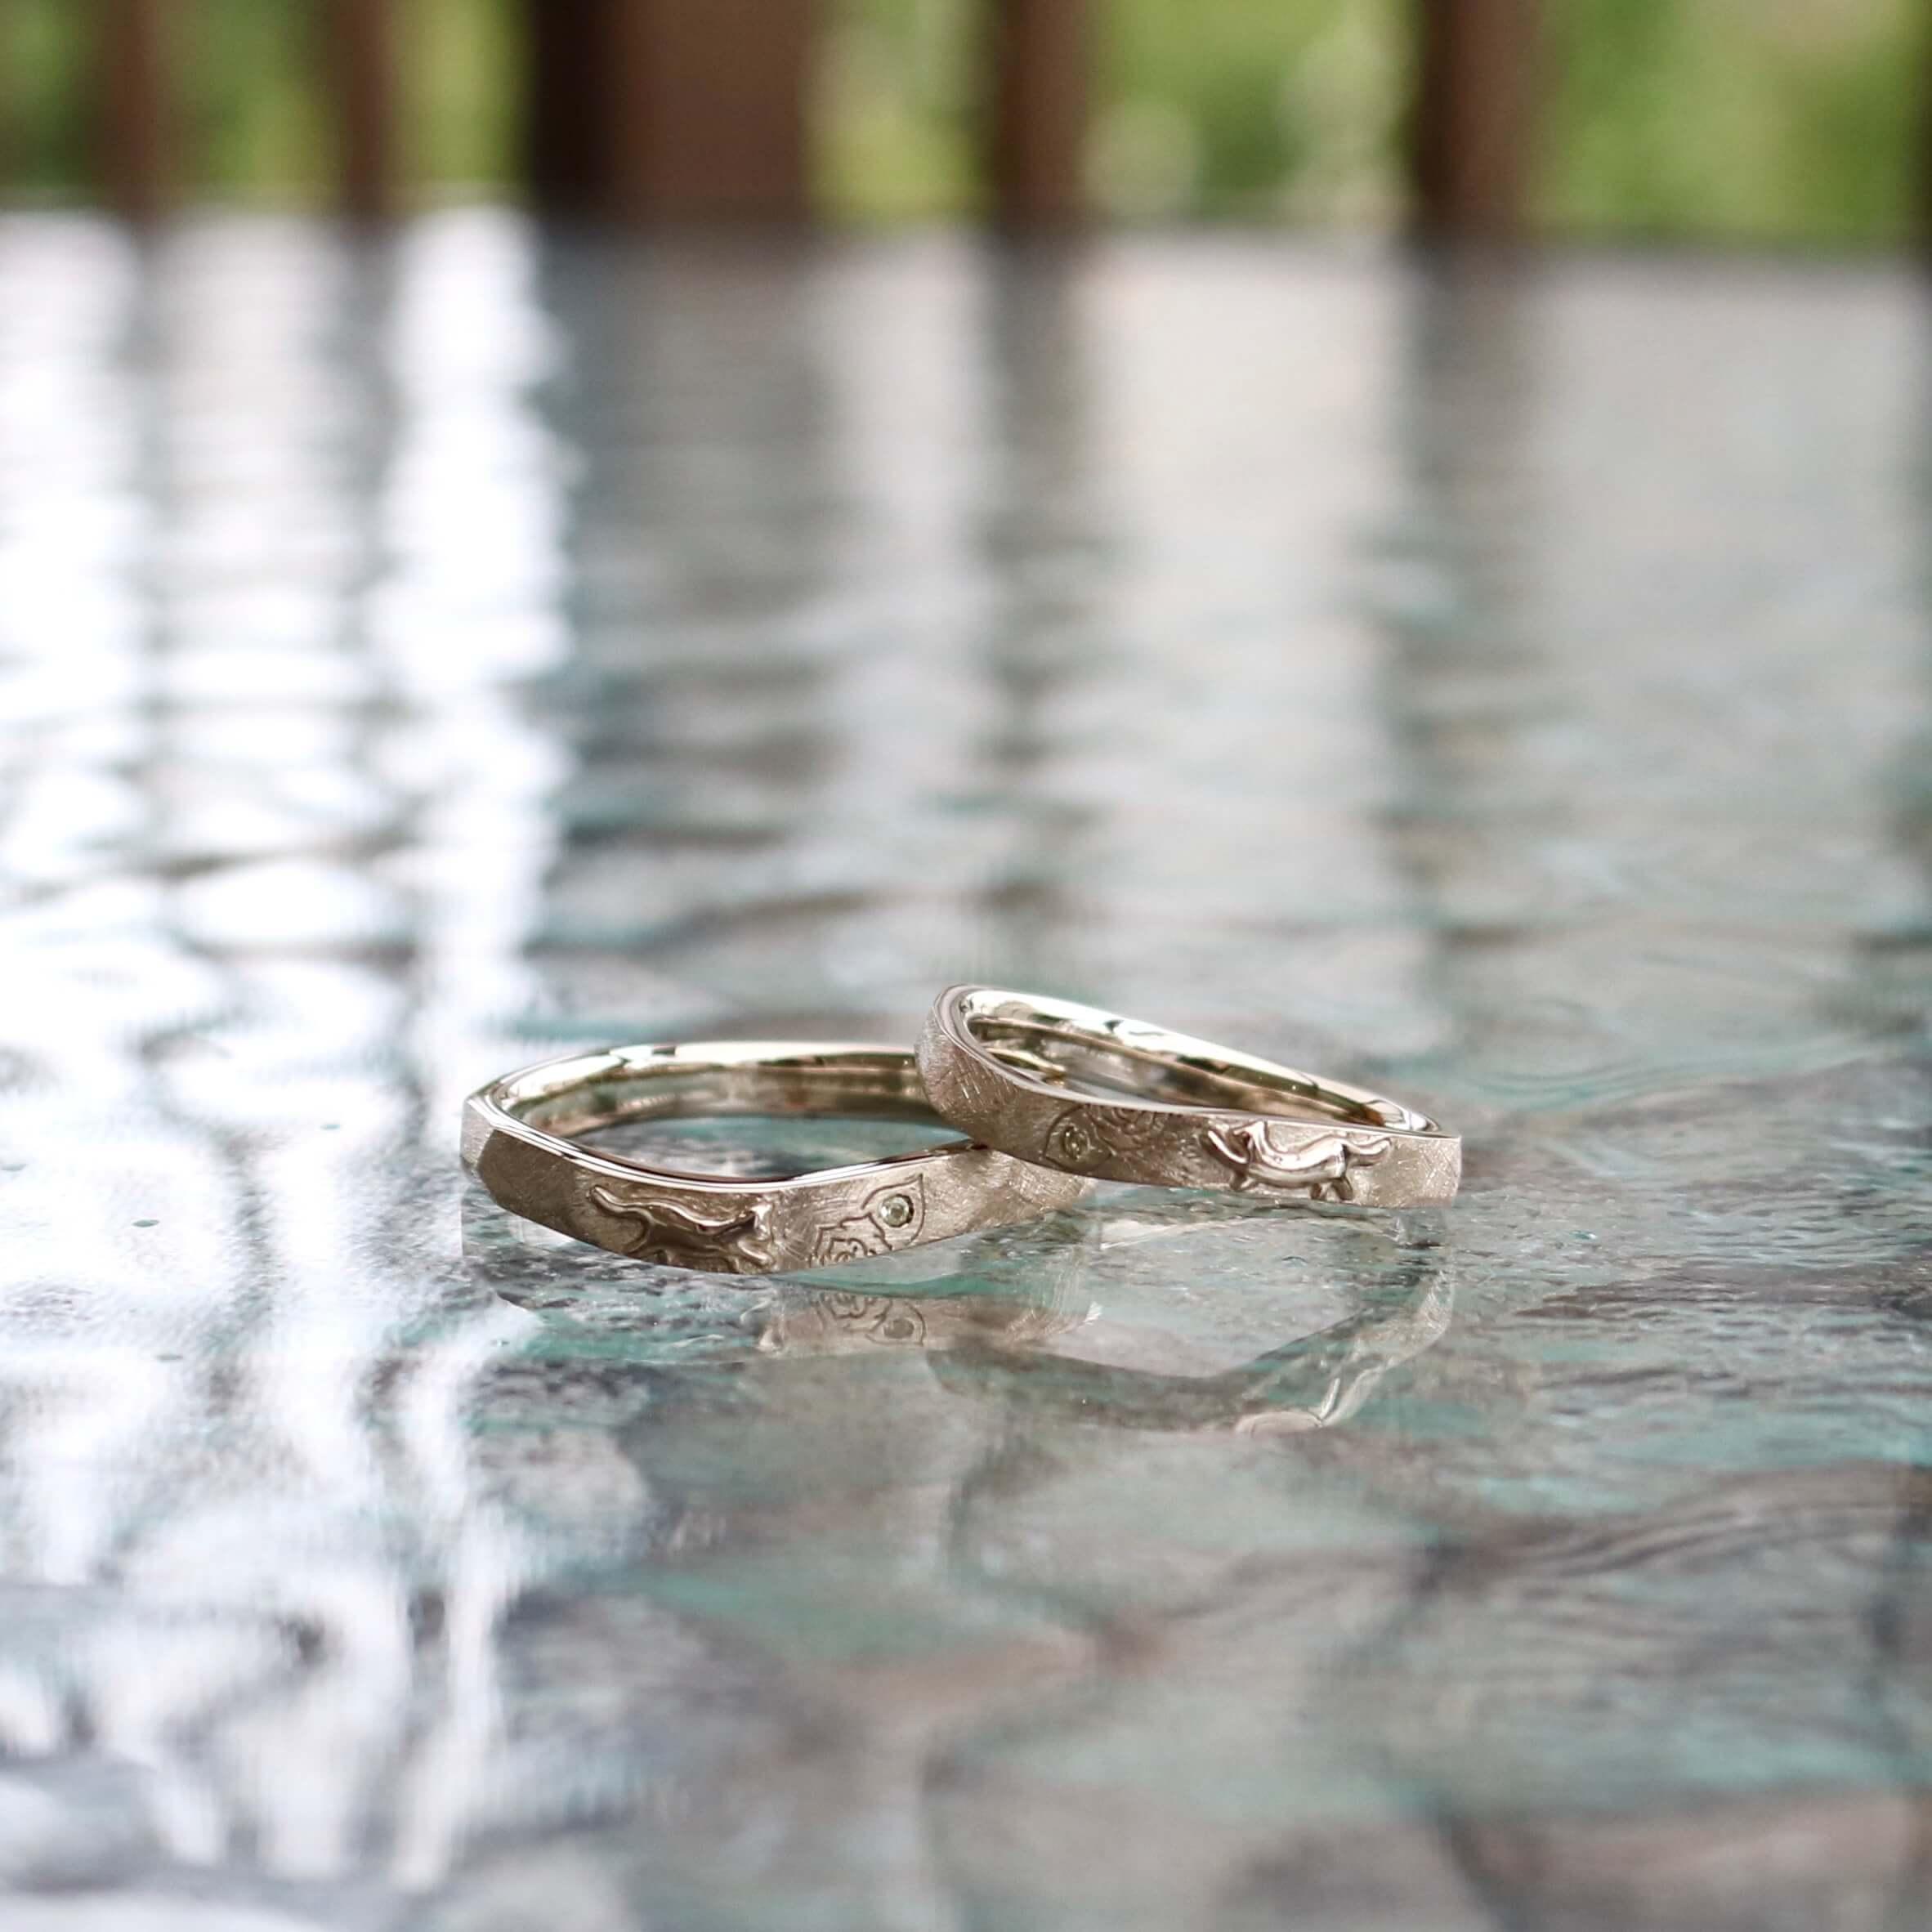 ぷっくりネコのシルエットと重ねることで完成する一輪のバラの結婚指輪